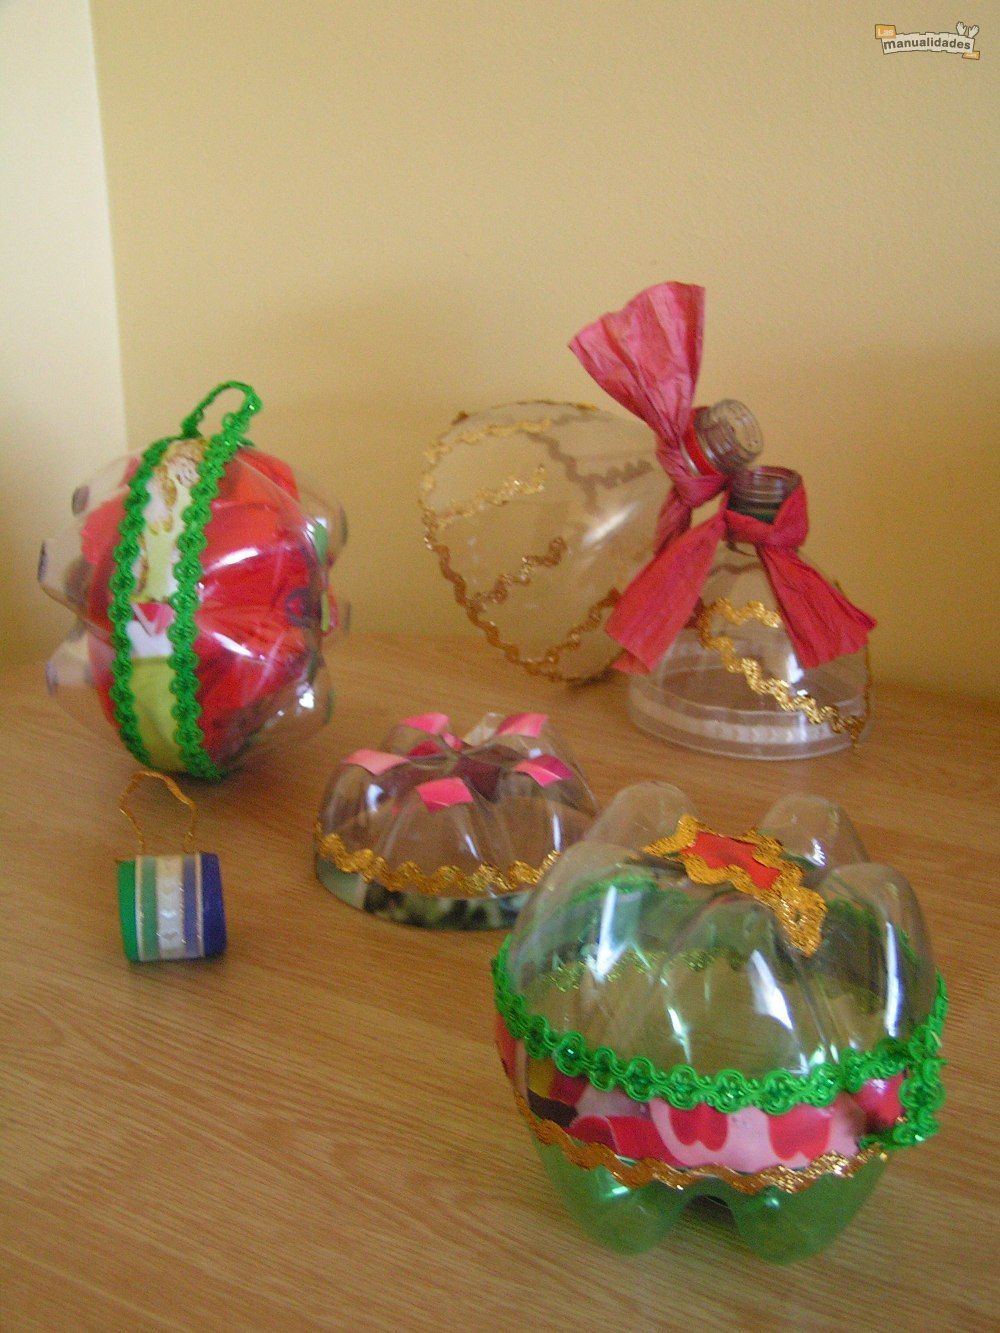 adornos navide os hechos con botellas por roxana